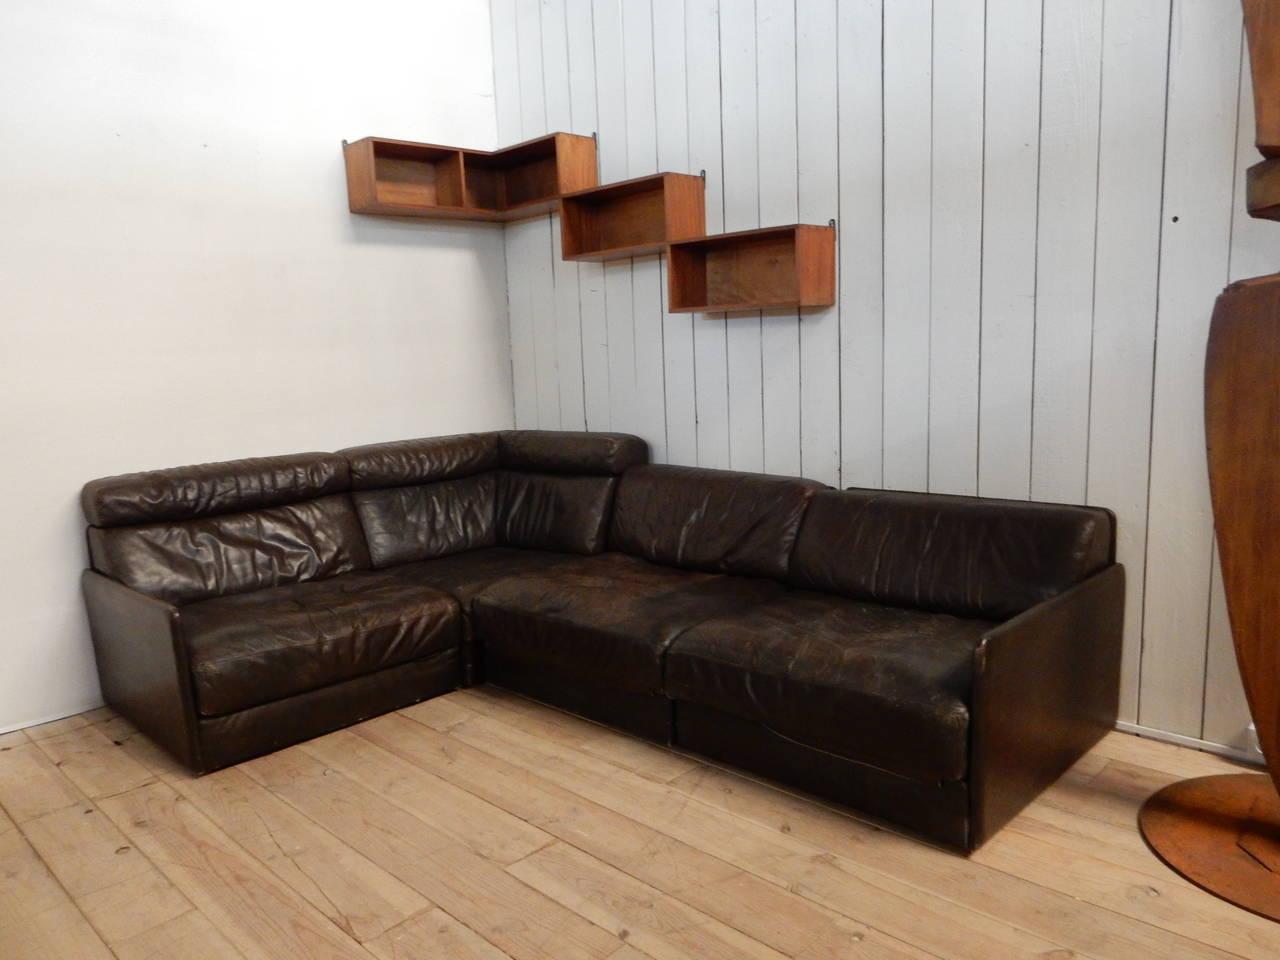 1970 de sede module leather sofa at 1stdibs. Black Bedroom Furniture Sets. Home Design Ideas